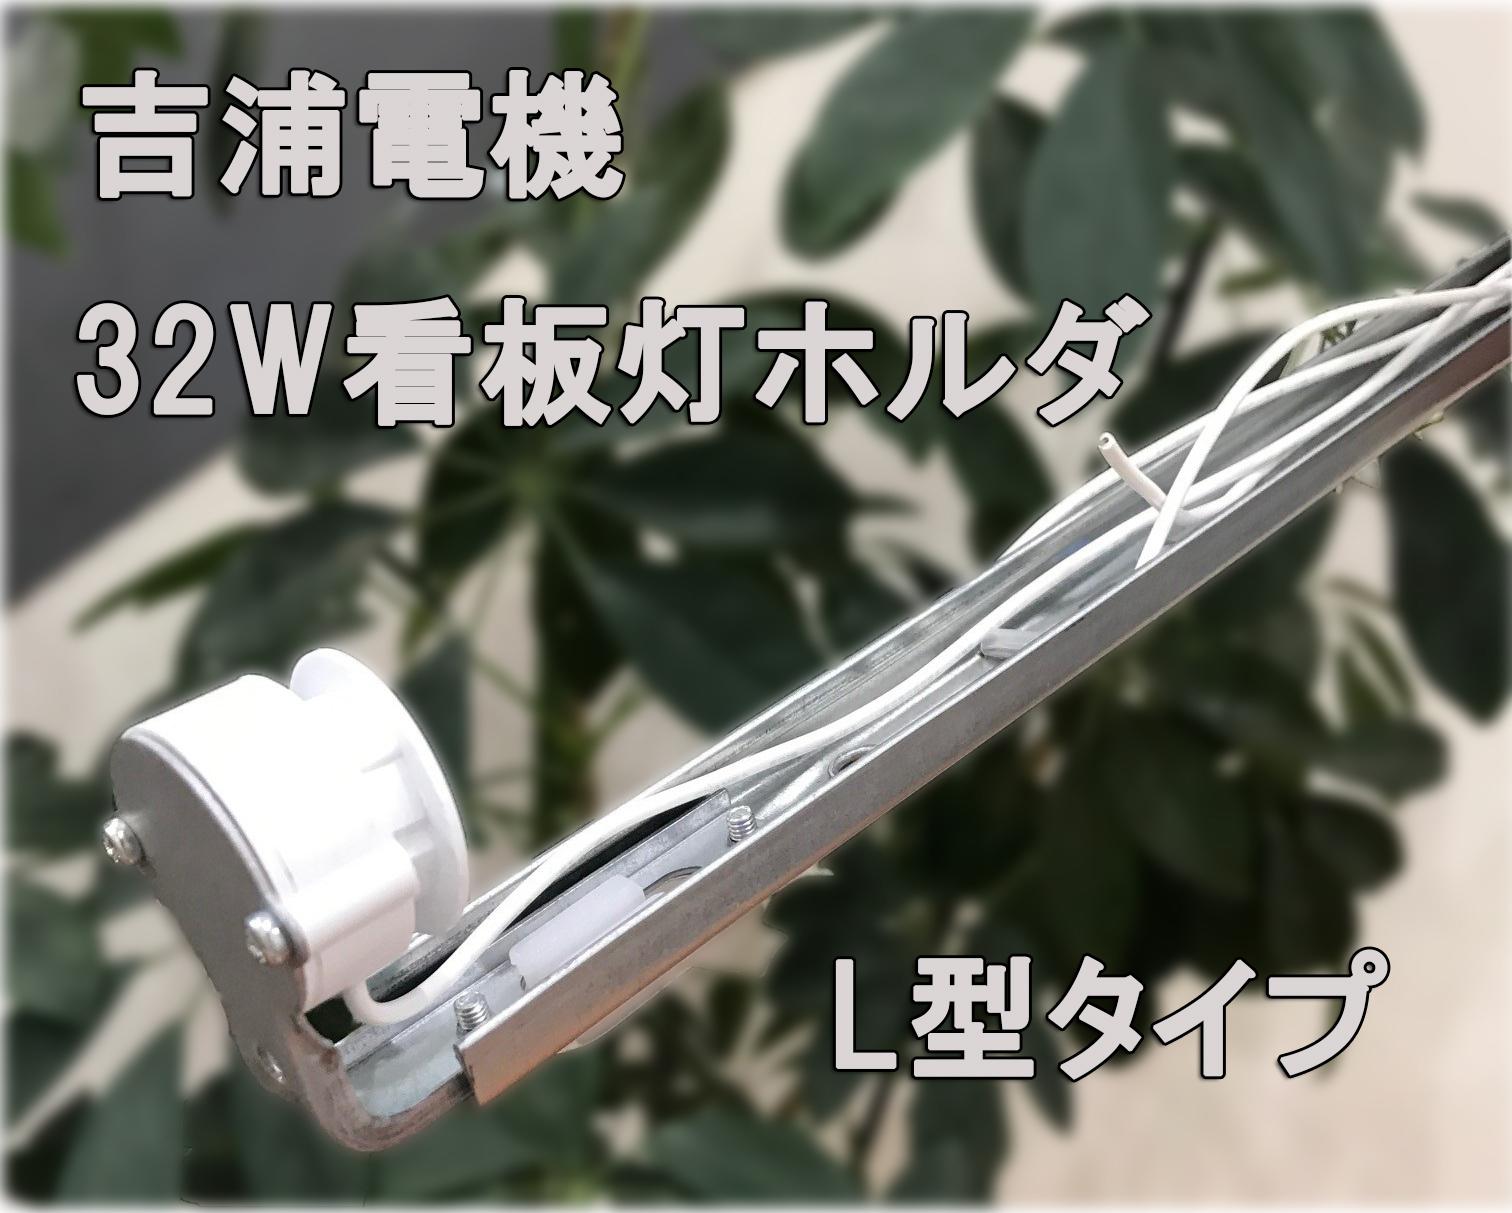 【吉浦電機】既設看板灯の取替にも最適! 32W L型看板灯ホルダー高力率タイプ G13口金 安定器 ※高力率タイプのためコンデンサ付